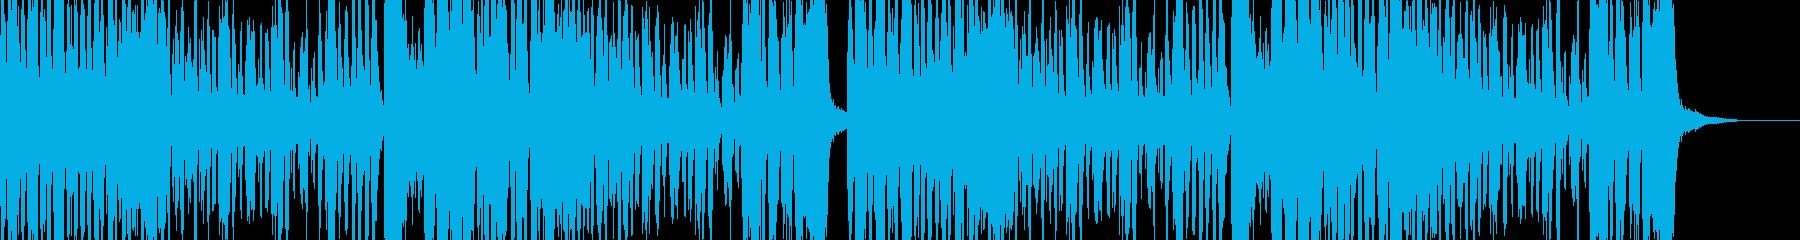 コミカルなドタバタコメディー的なBGMの再生済みの波形